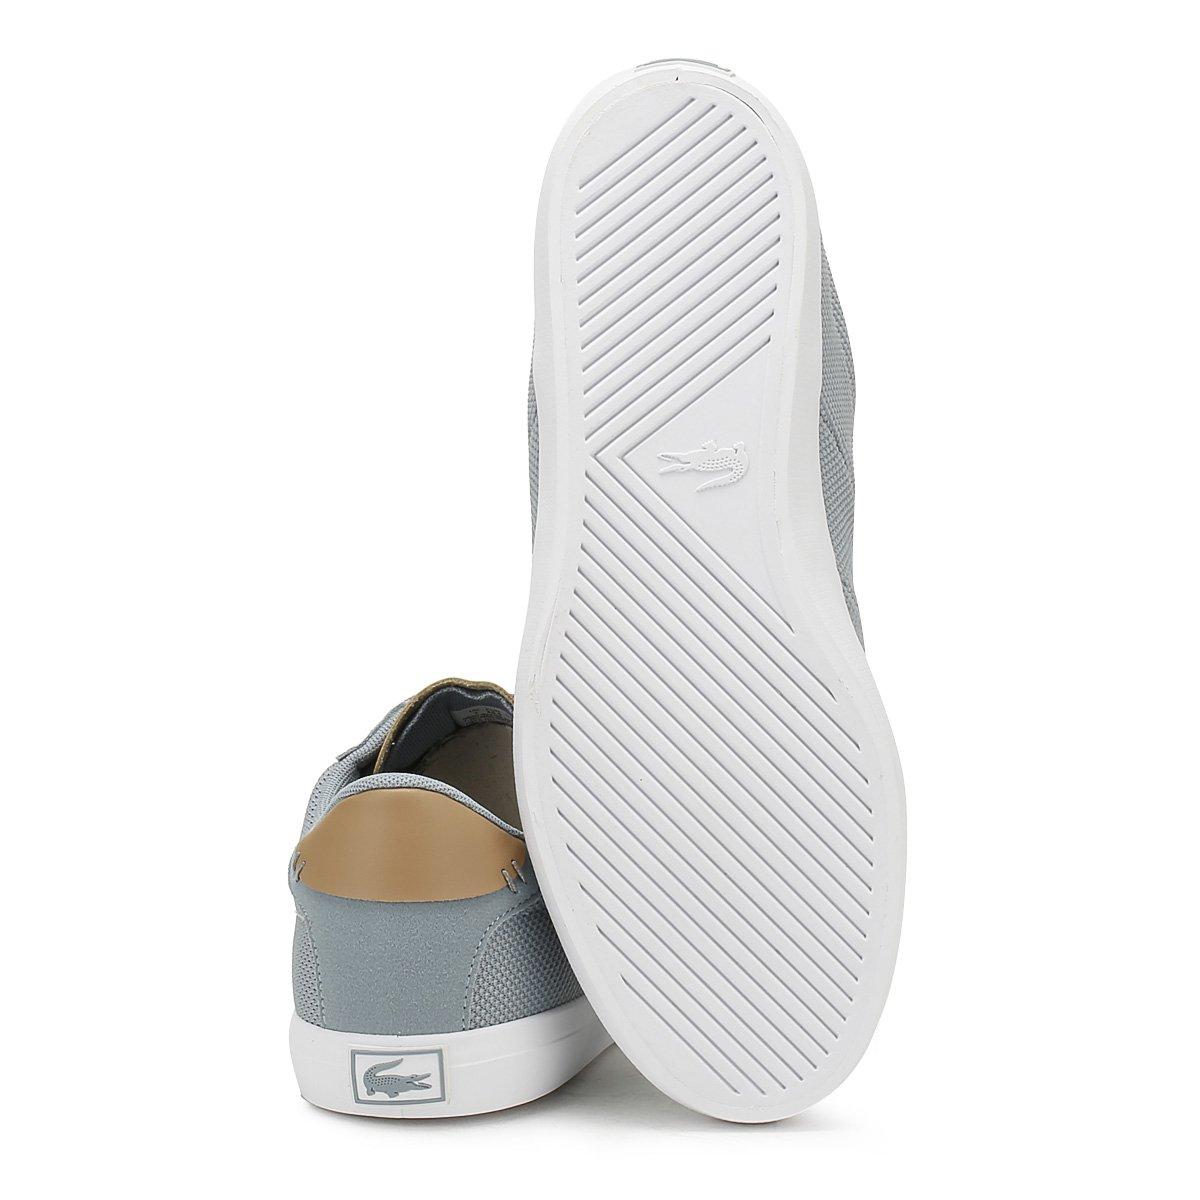 cab292edf4aa8b Lacoste Court-Master 118 1 Cam  Amazon.co.uk  Clothing